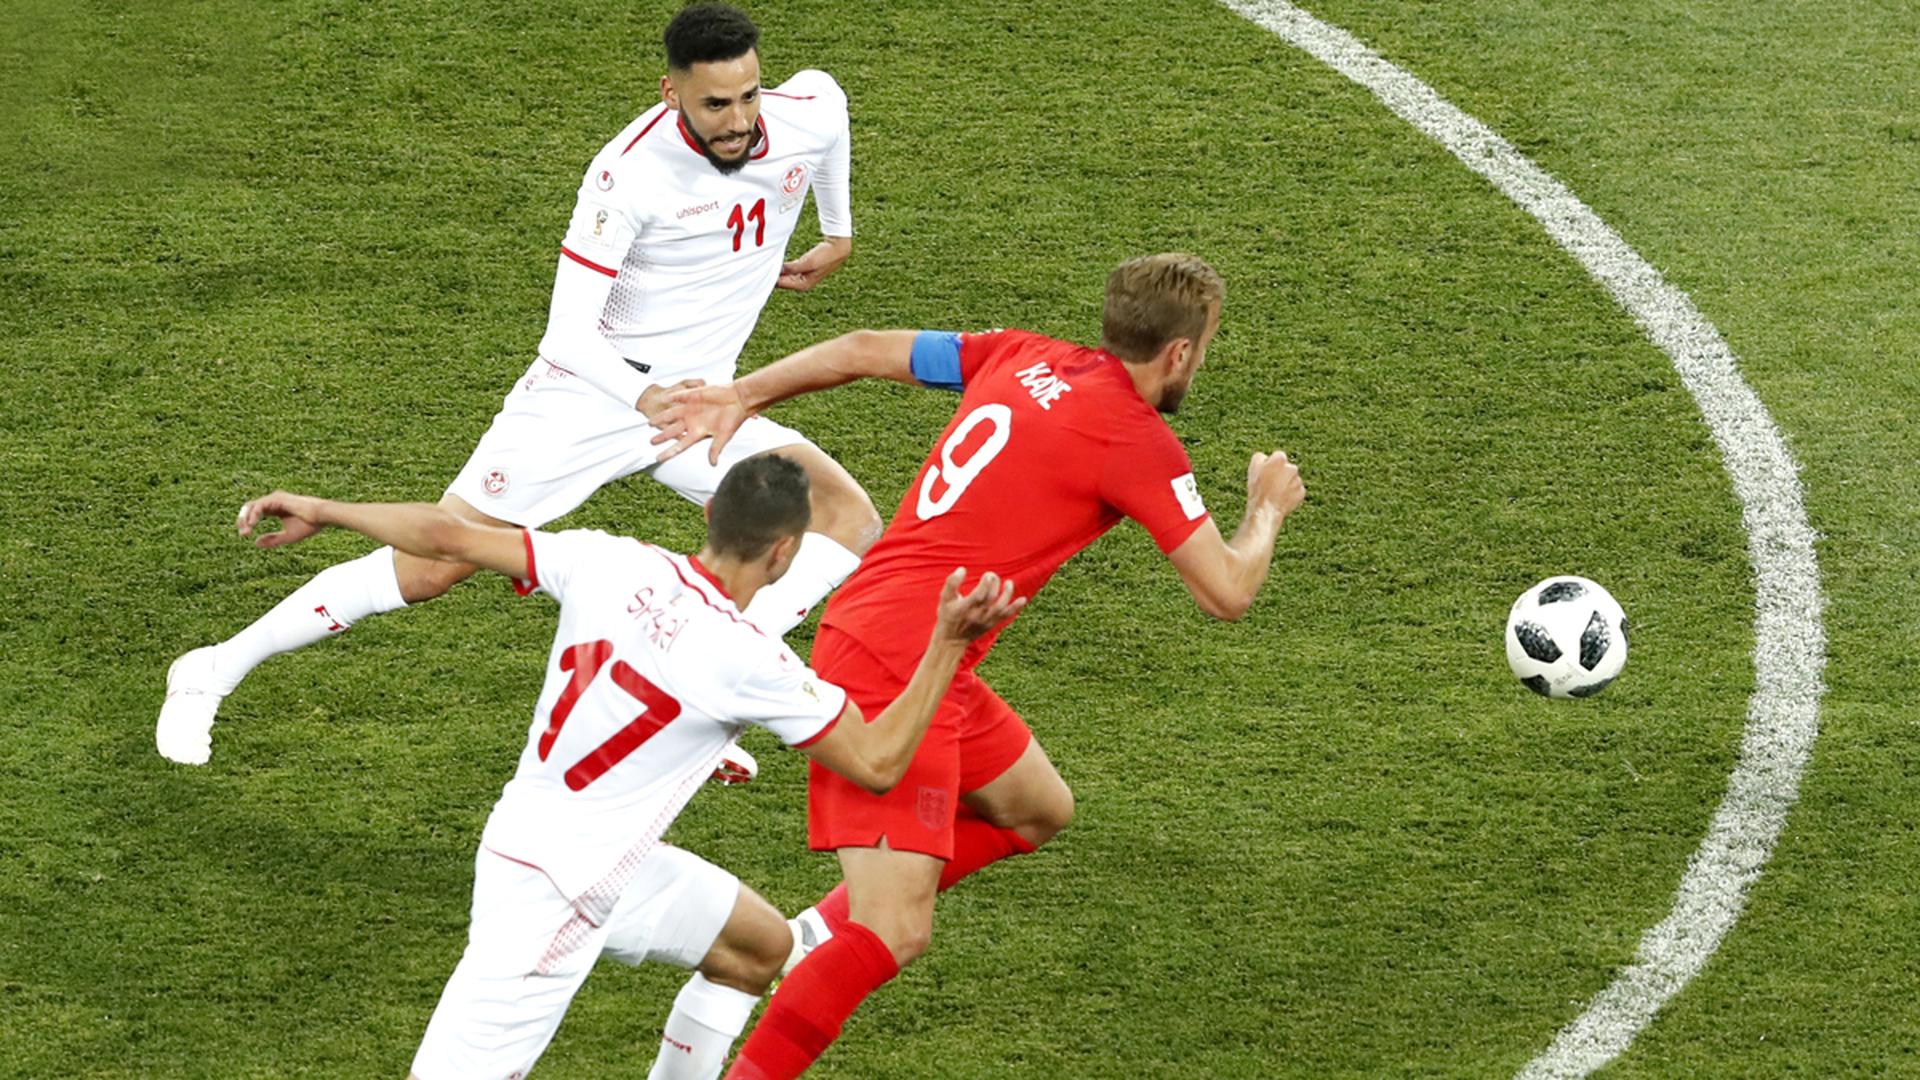 Гарри Кейн в добавленное время принес победу Англии над Тунисом